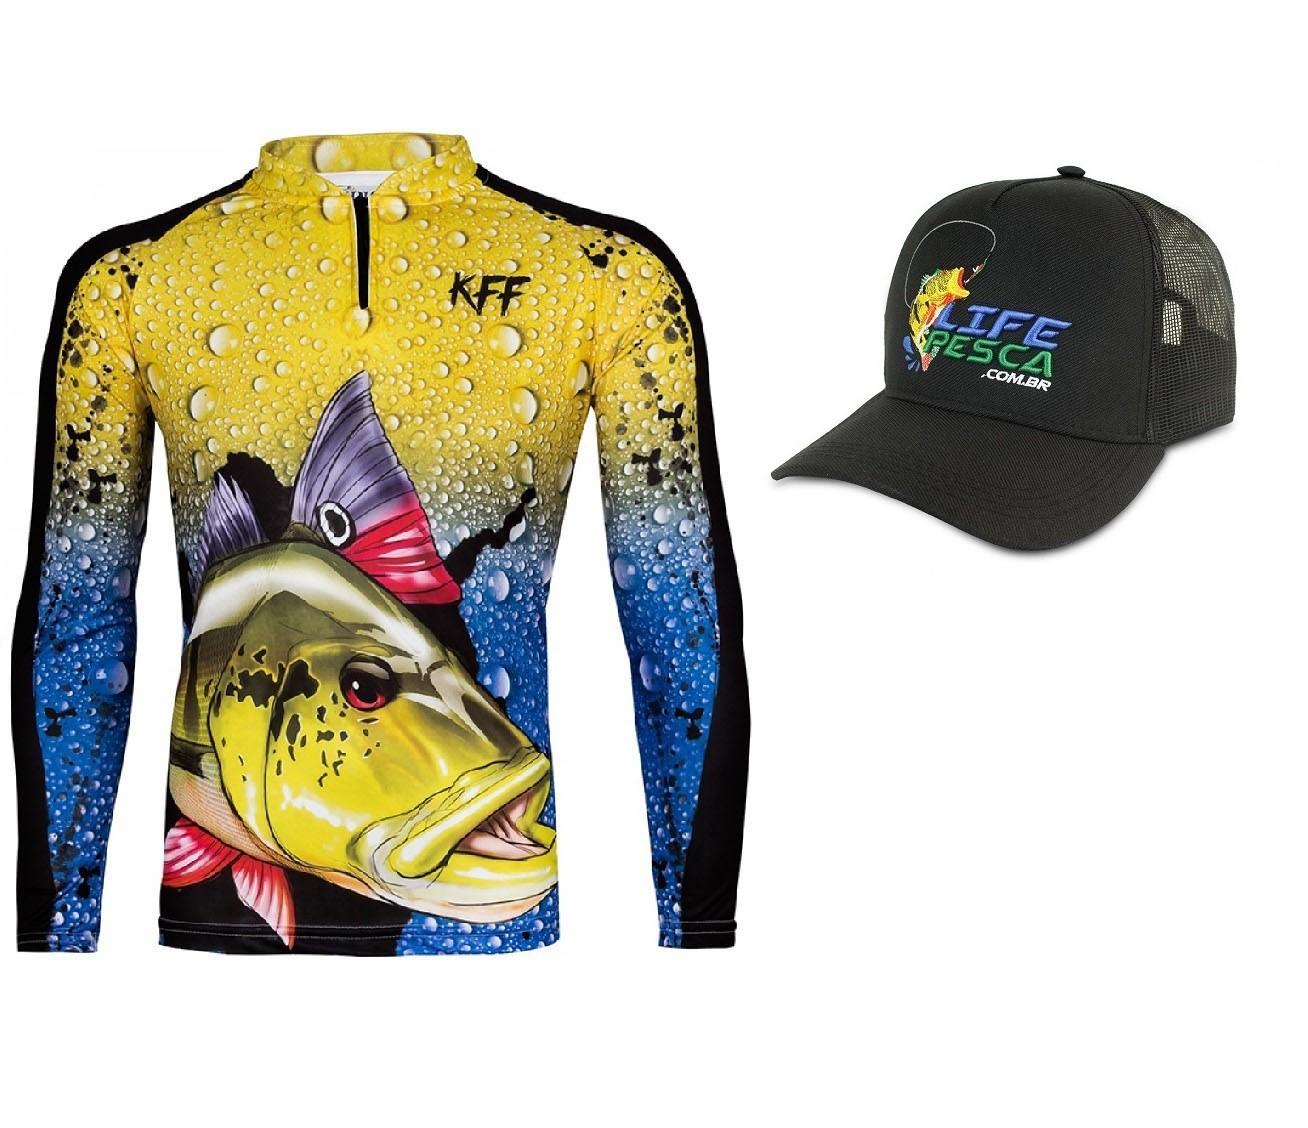 Camiseta De Pesca King Proteção Solar Uv KFF60 Tucunaré + Boné